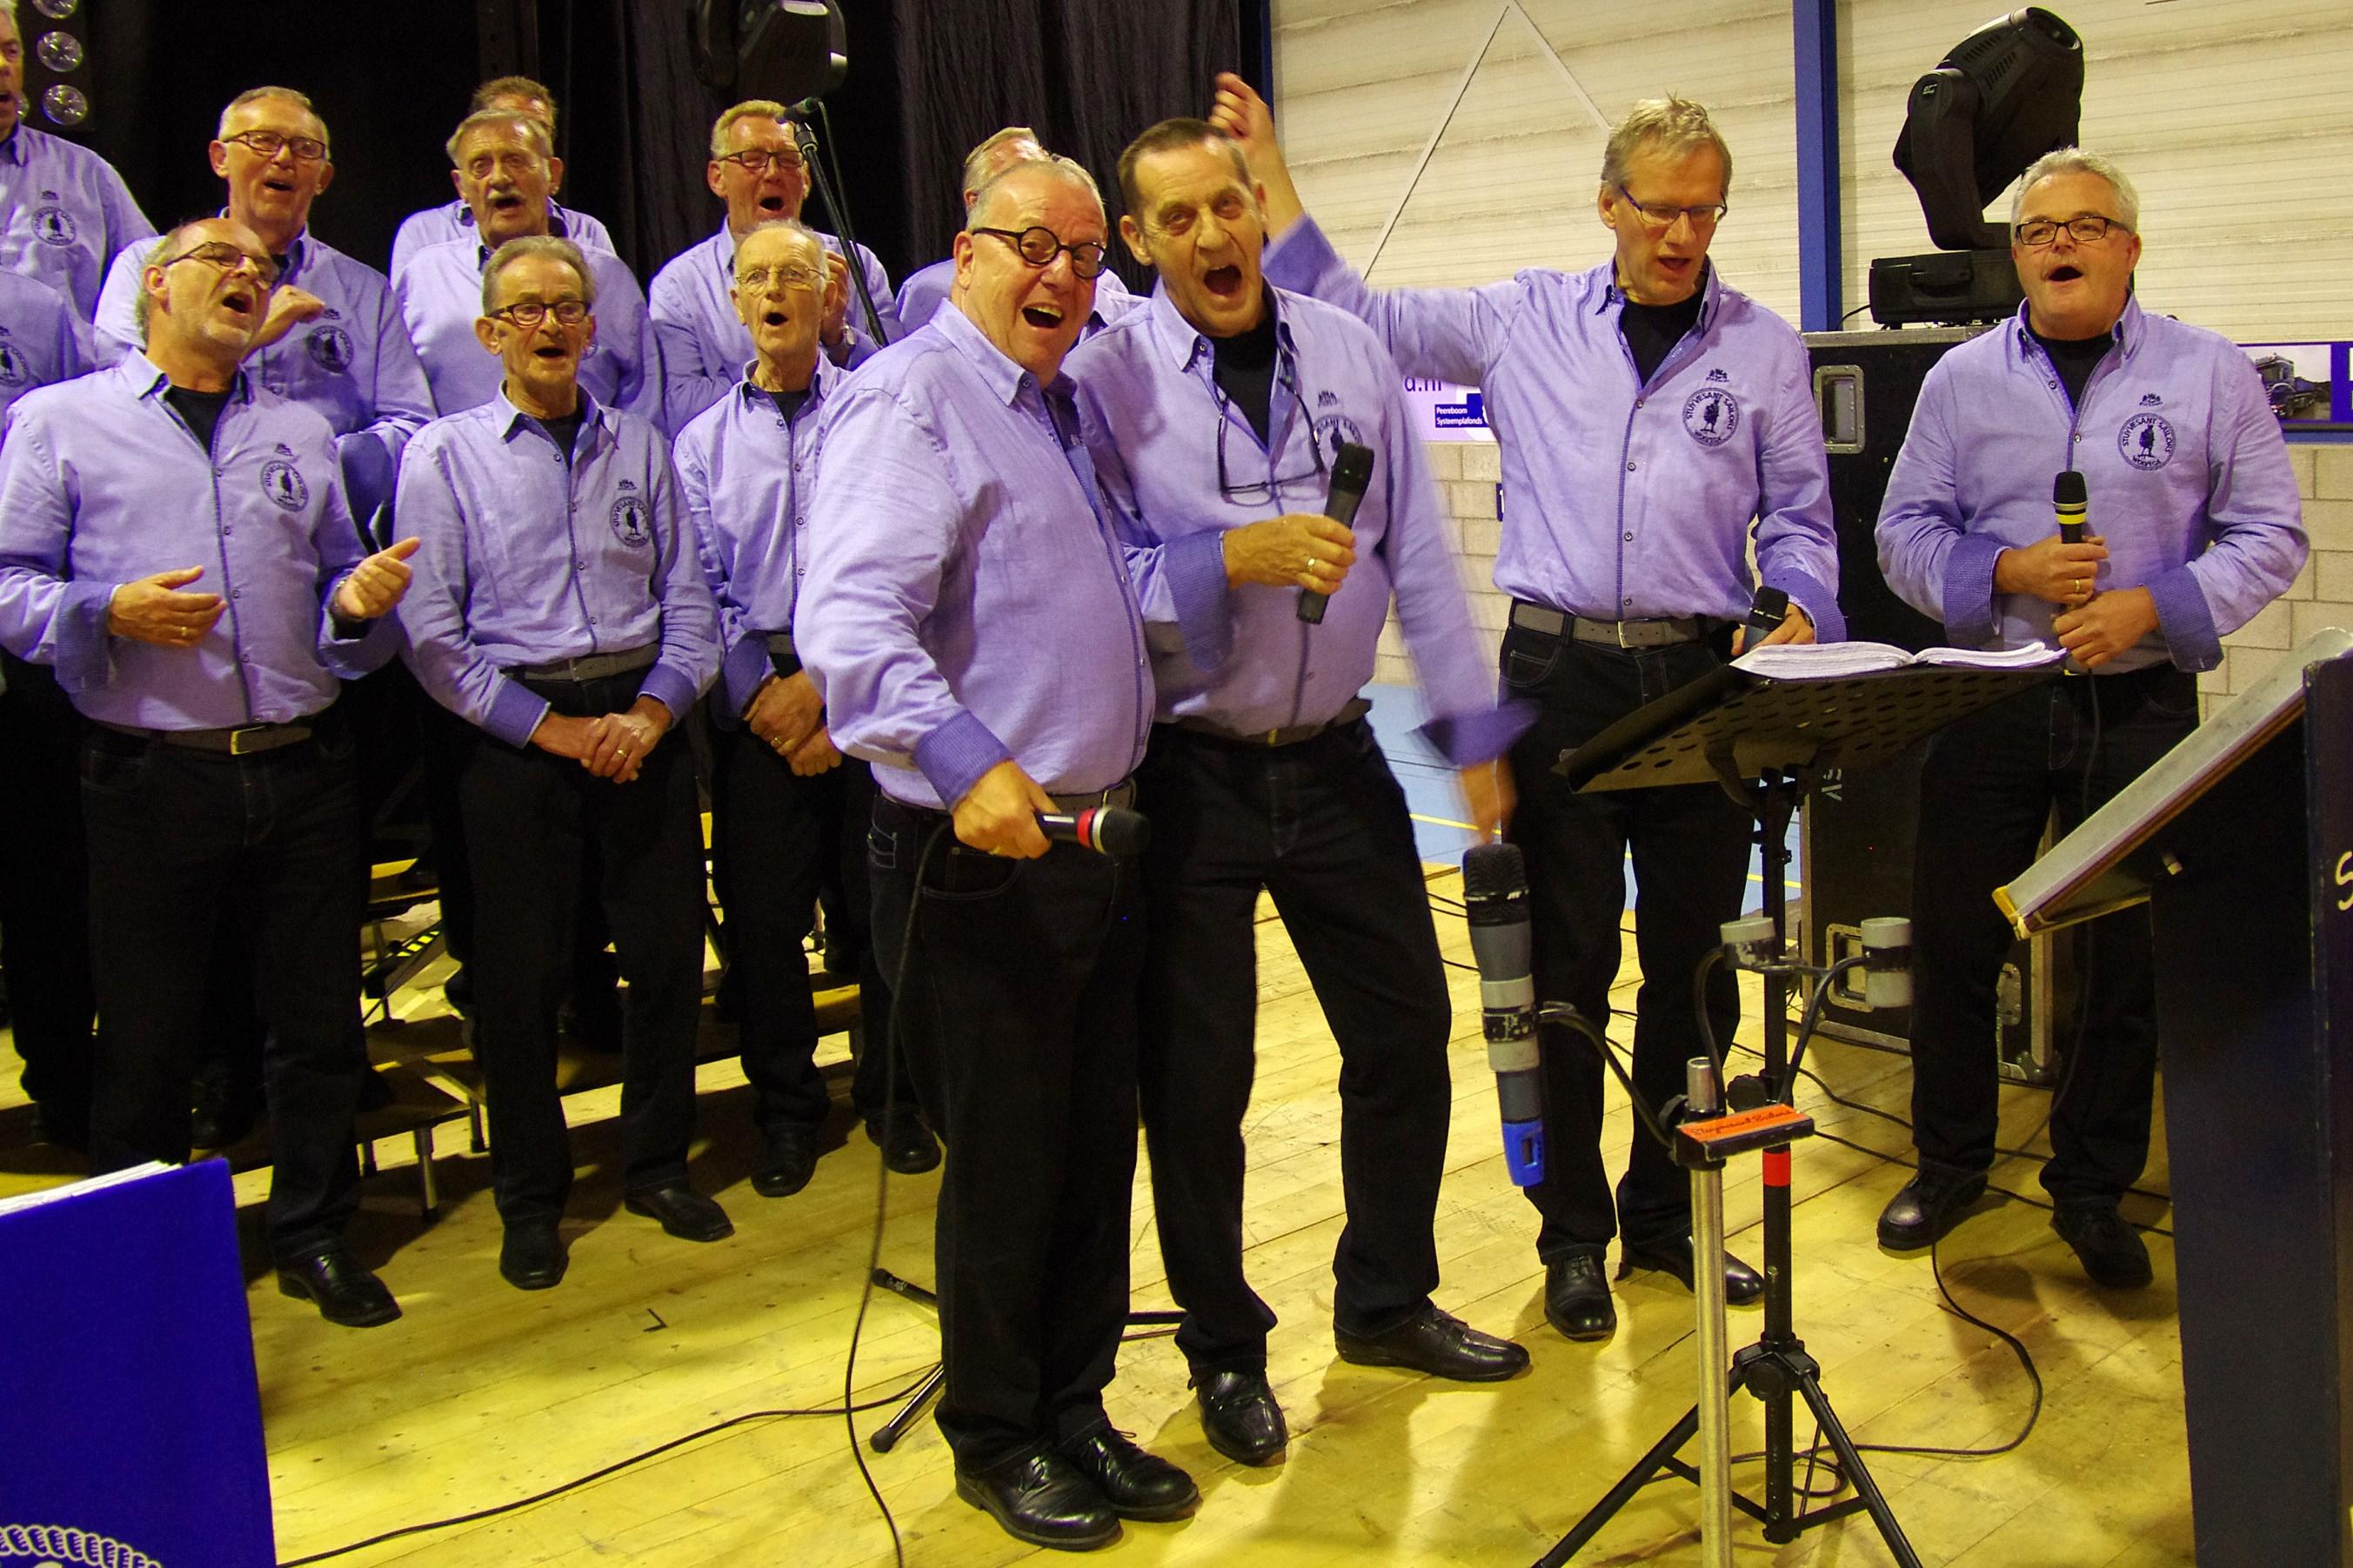 Stuyvesant Sailors in sporthal Munnekeburen